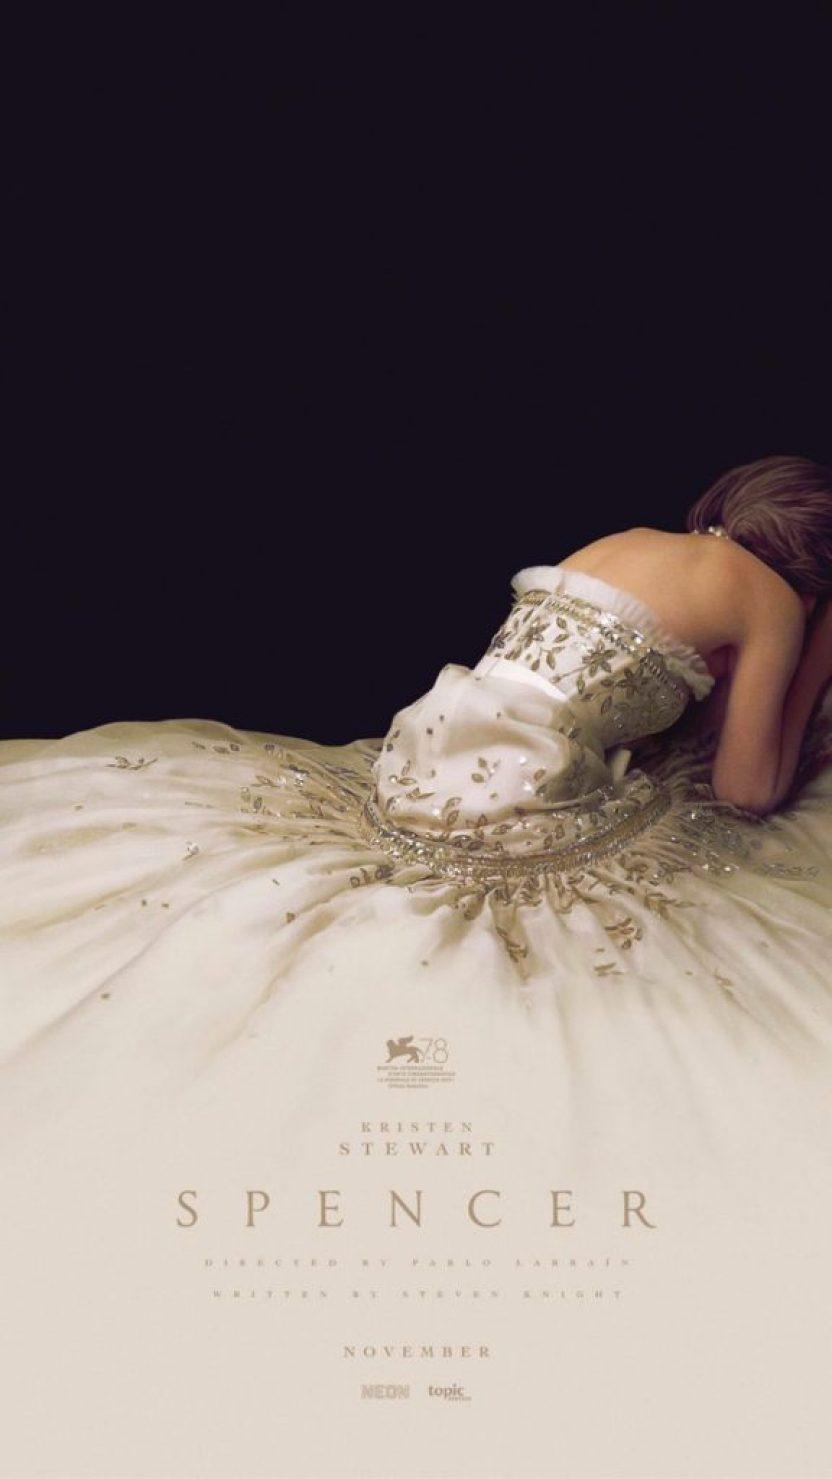 Salió el póster oficial de Spencer, la película de Diana dirigida por Larraín